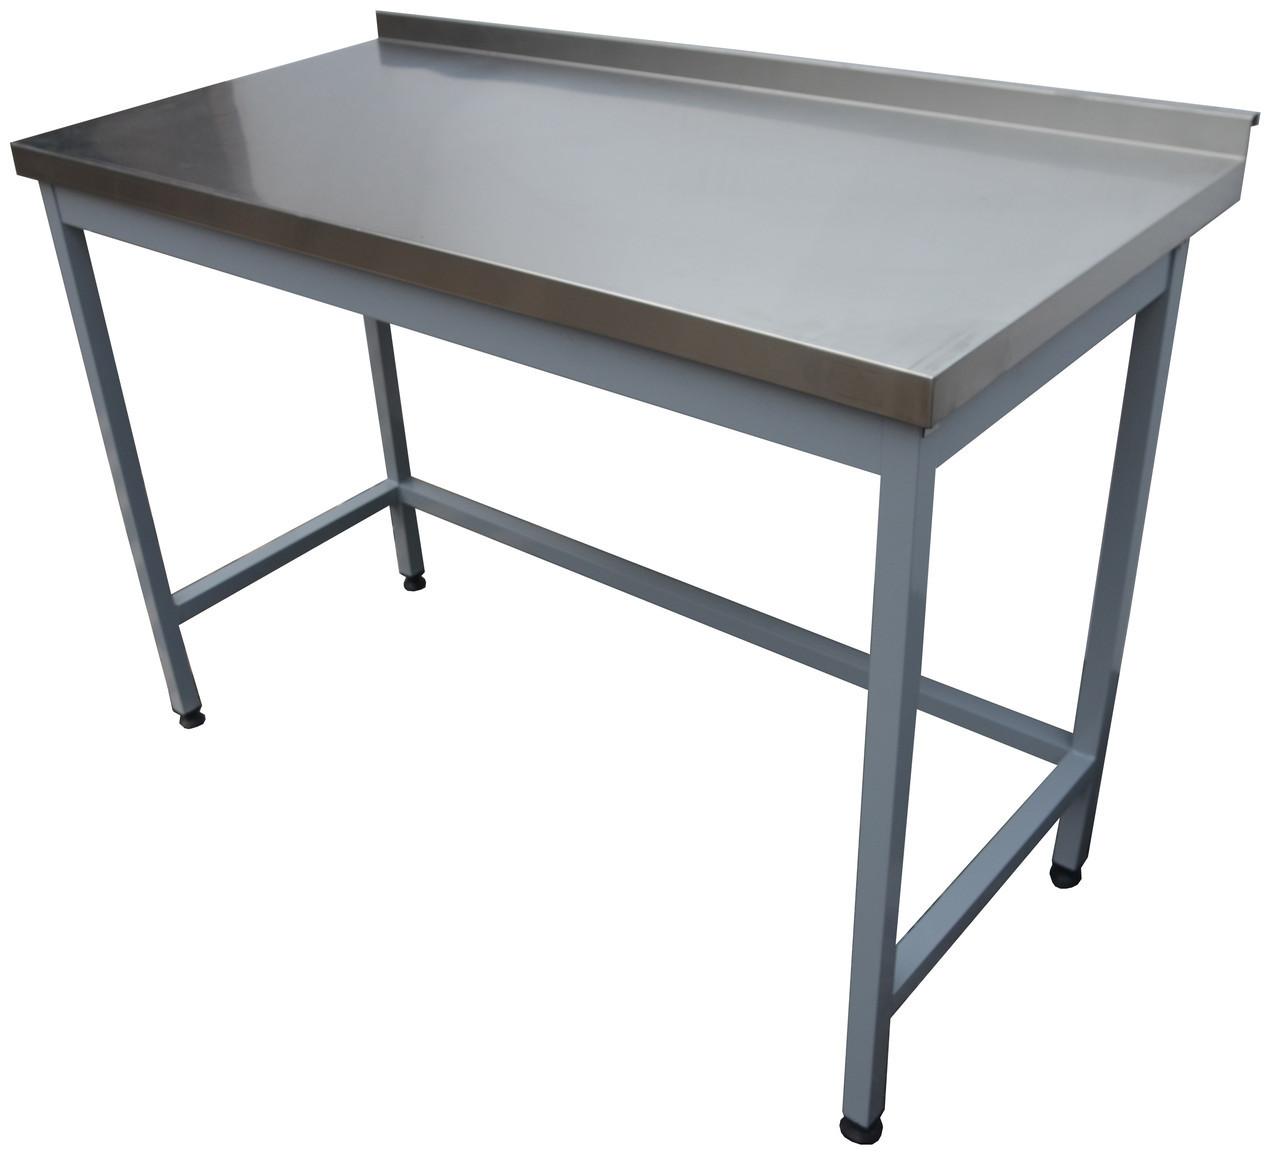 Стол производственный из нержавеющей стали без полки 700, 700, AISI 304